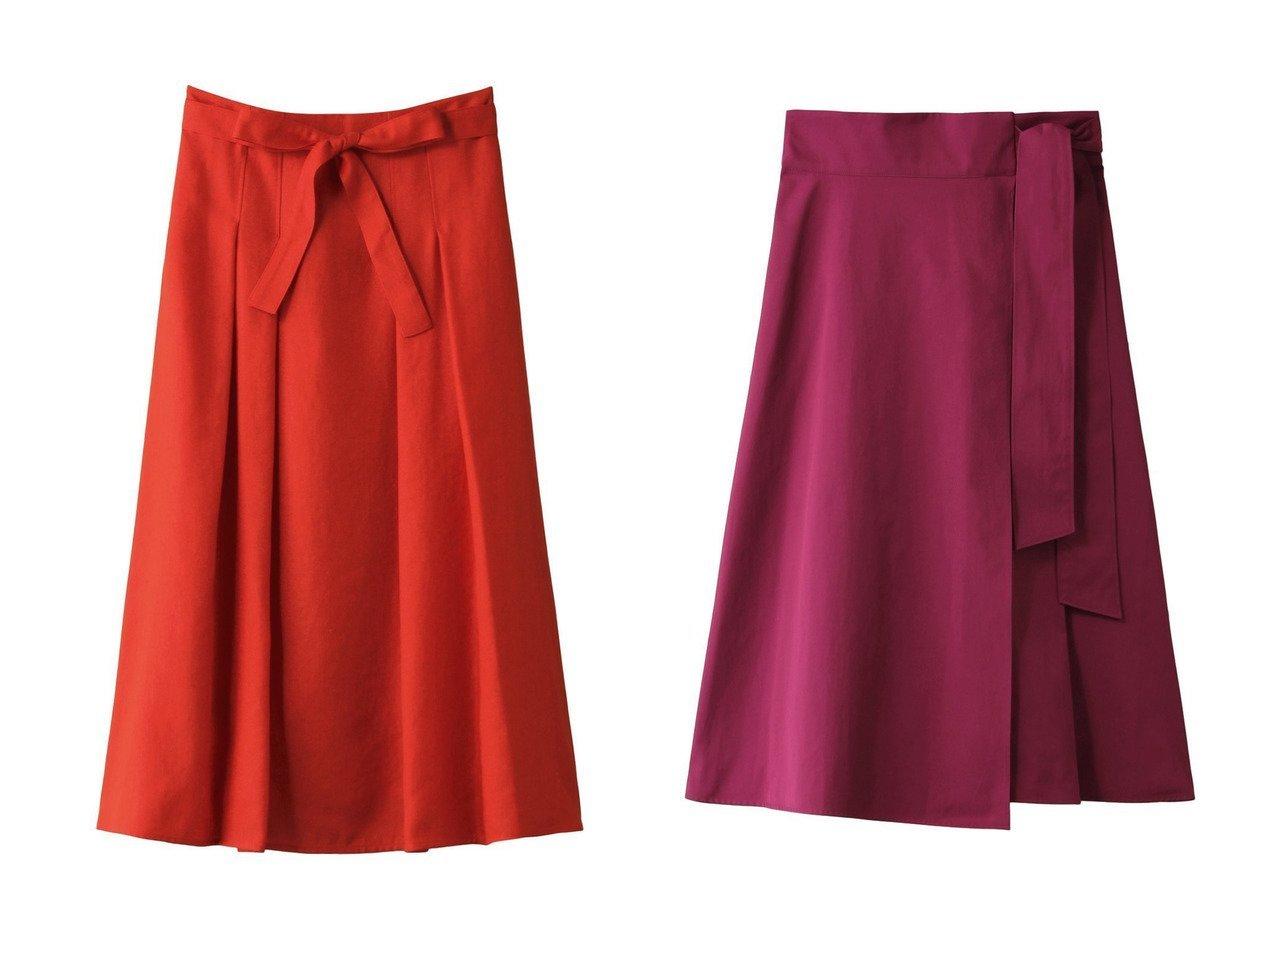 【ANAYI/アナイ】のスラブオックスフレアスカート&バイオツイルラップフウスカート スカートのおすすめ!人気、トレンド・レディースファッションの通販 おすすめで人気の流行・トレンド、ファッションの通販商品 メンズファッション・キッズファッション・インテリア・家具・レディースファッション・服の通販 founy(ファニー) https://founy.com/ ファッション Fashion レディースファッション WOMEN スカート Skirt Aライン/フレアスカート Flared A-Line Skirts シンプル フェミニン ラップ リボン |ID:crp329100000011770